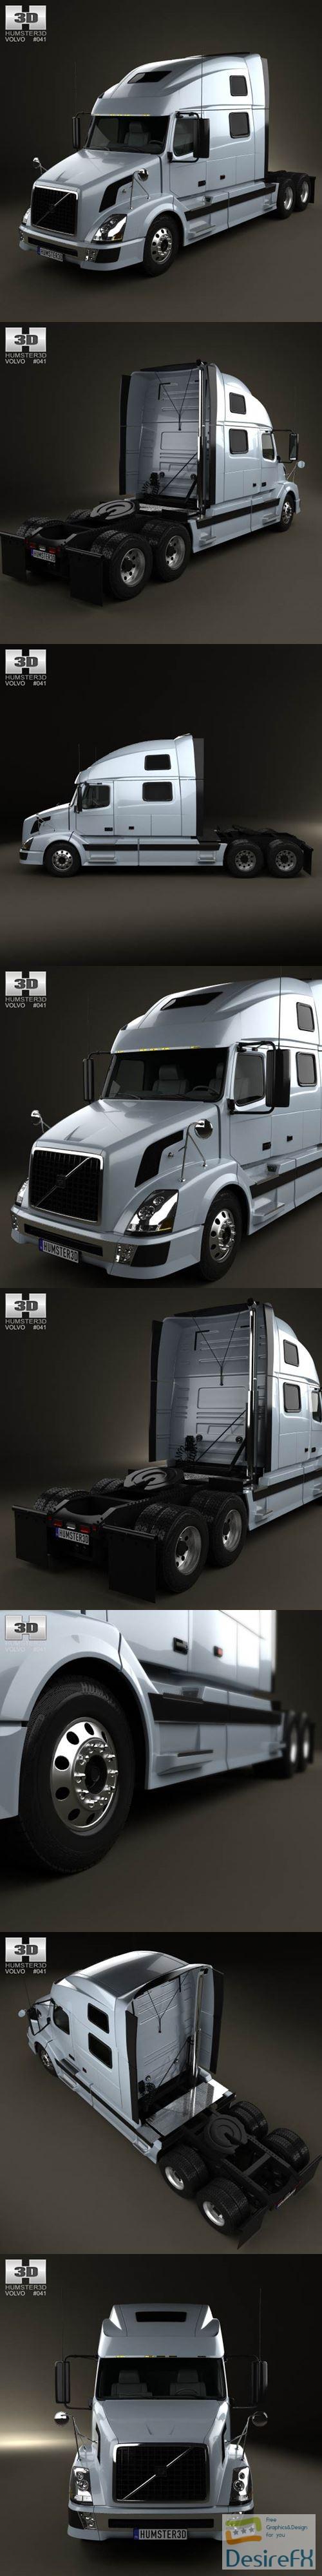 3d-models - Volvo VNL Tractor Truck 2002 3D Model